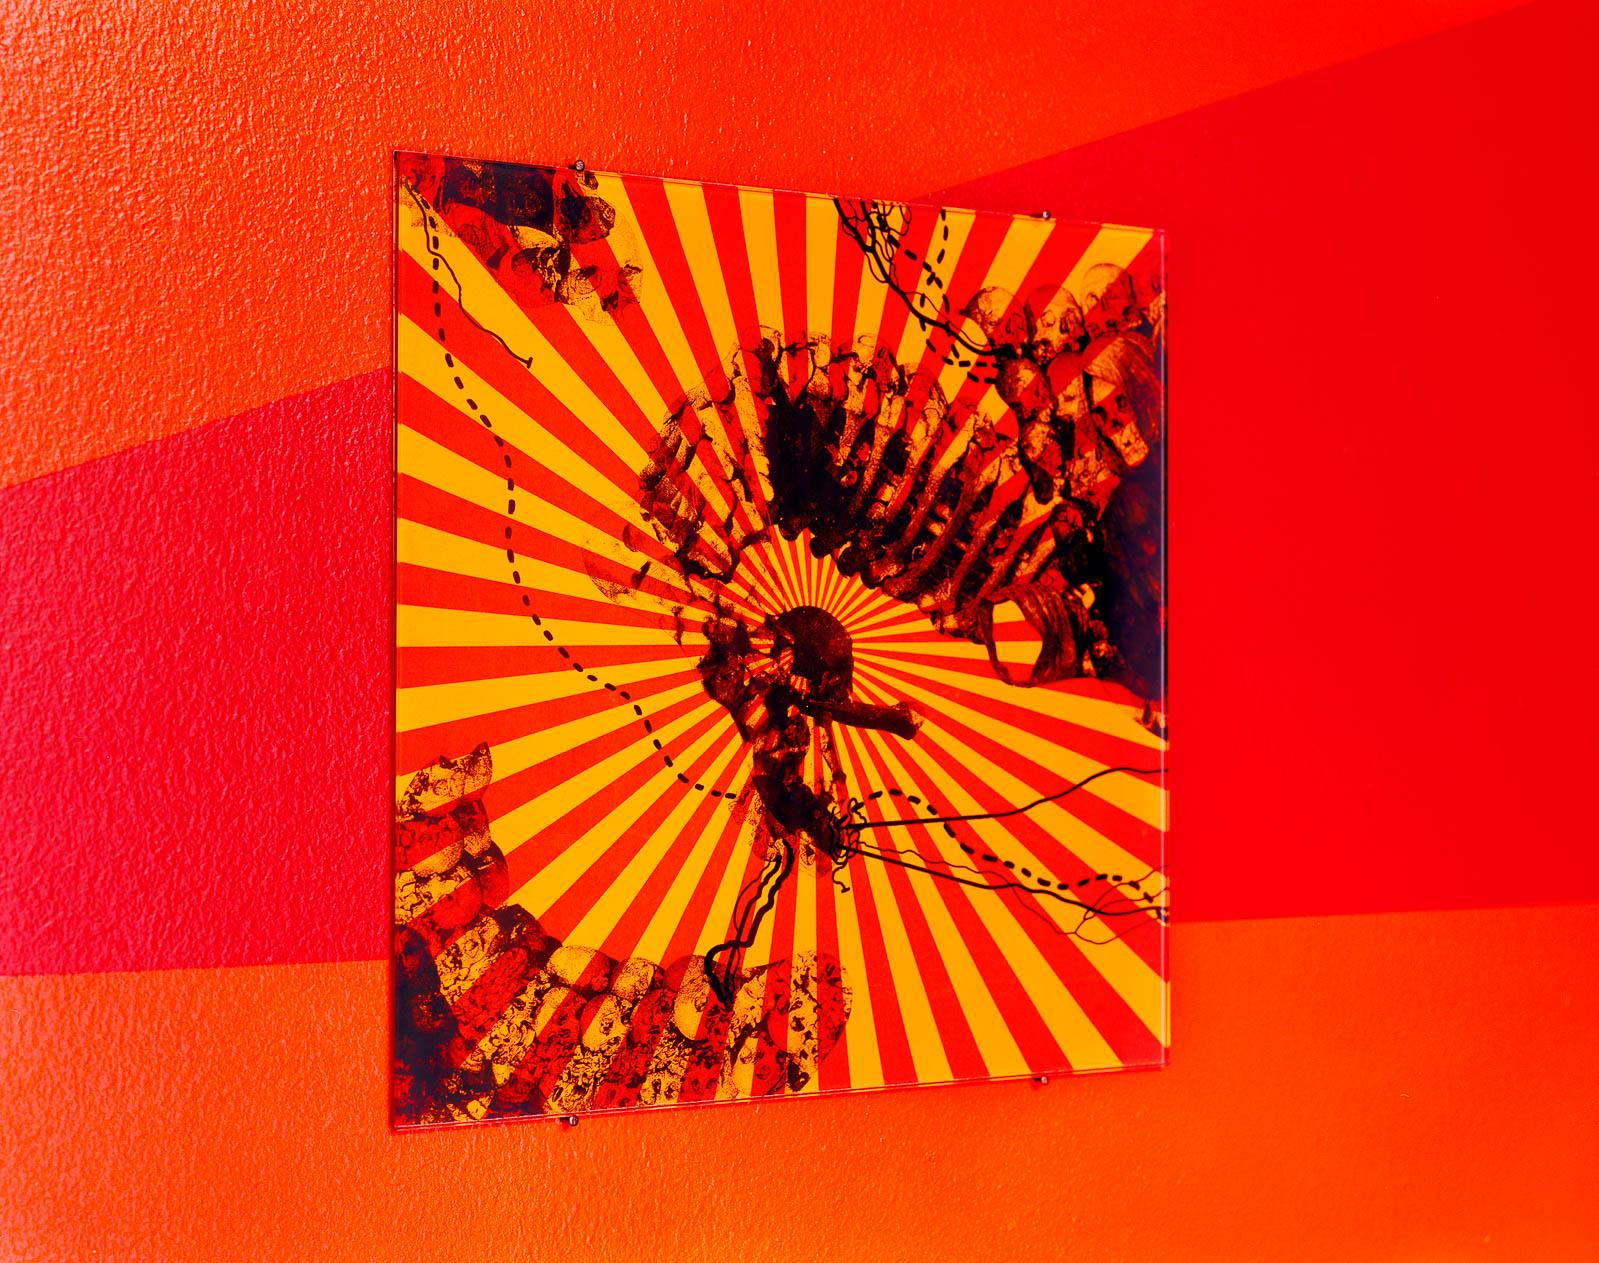 Rödgul väggmålning med dödskallar på röd grund. Franz Ackermann, Travelling North, (2007).